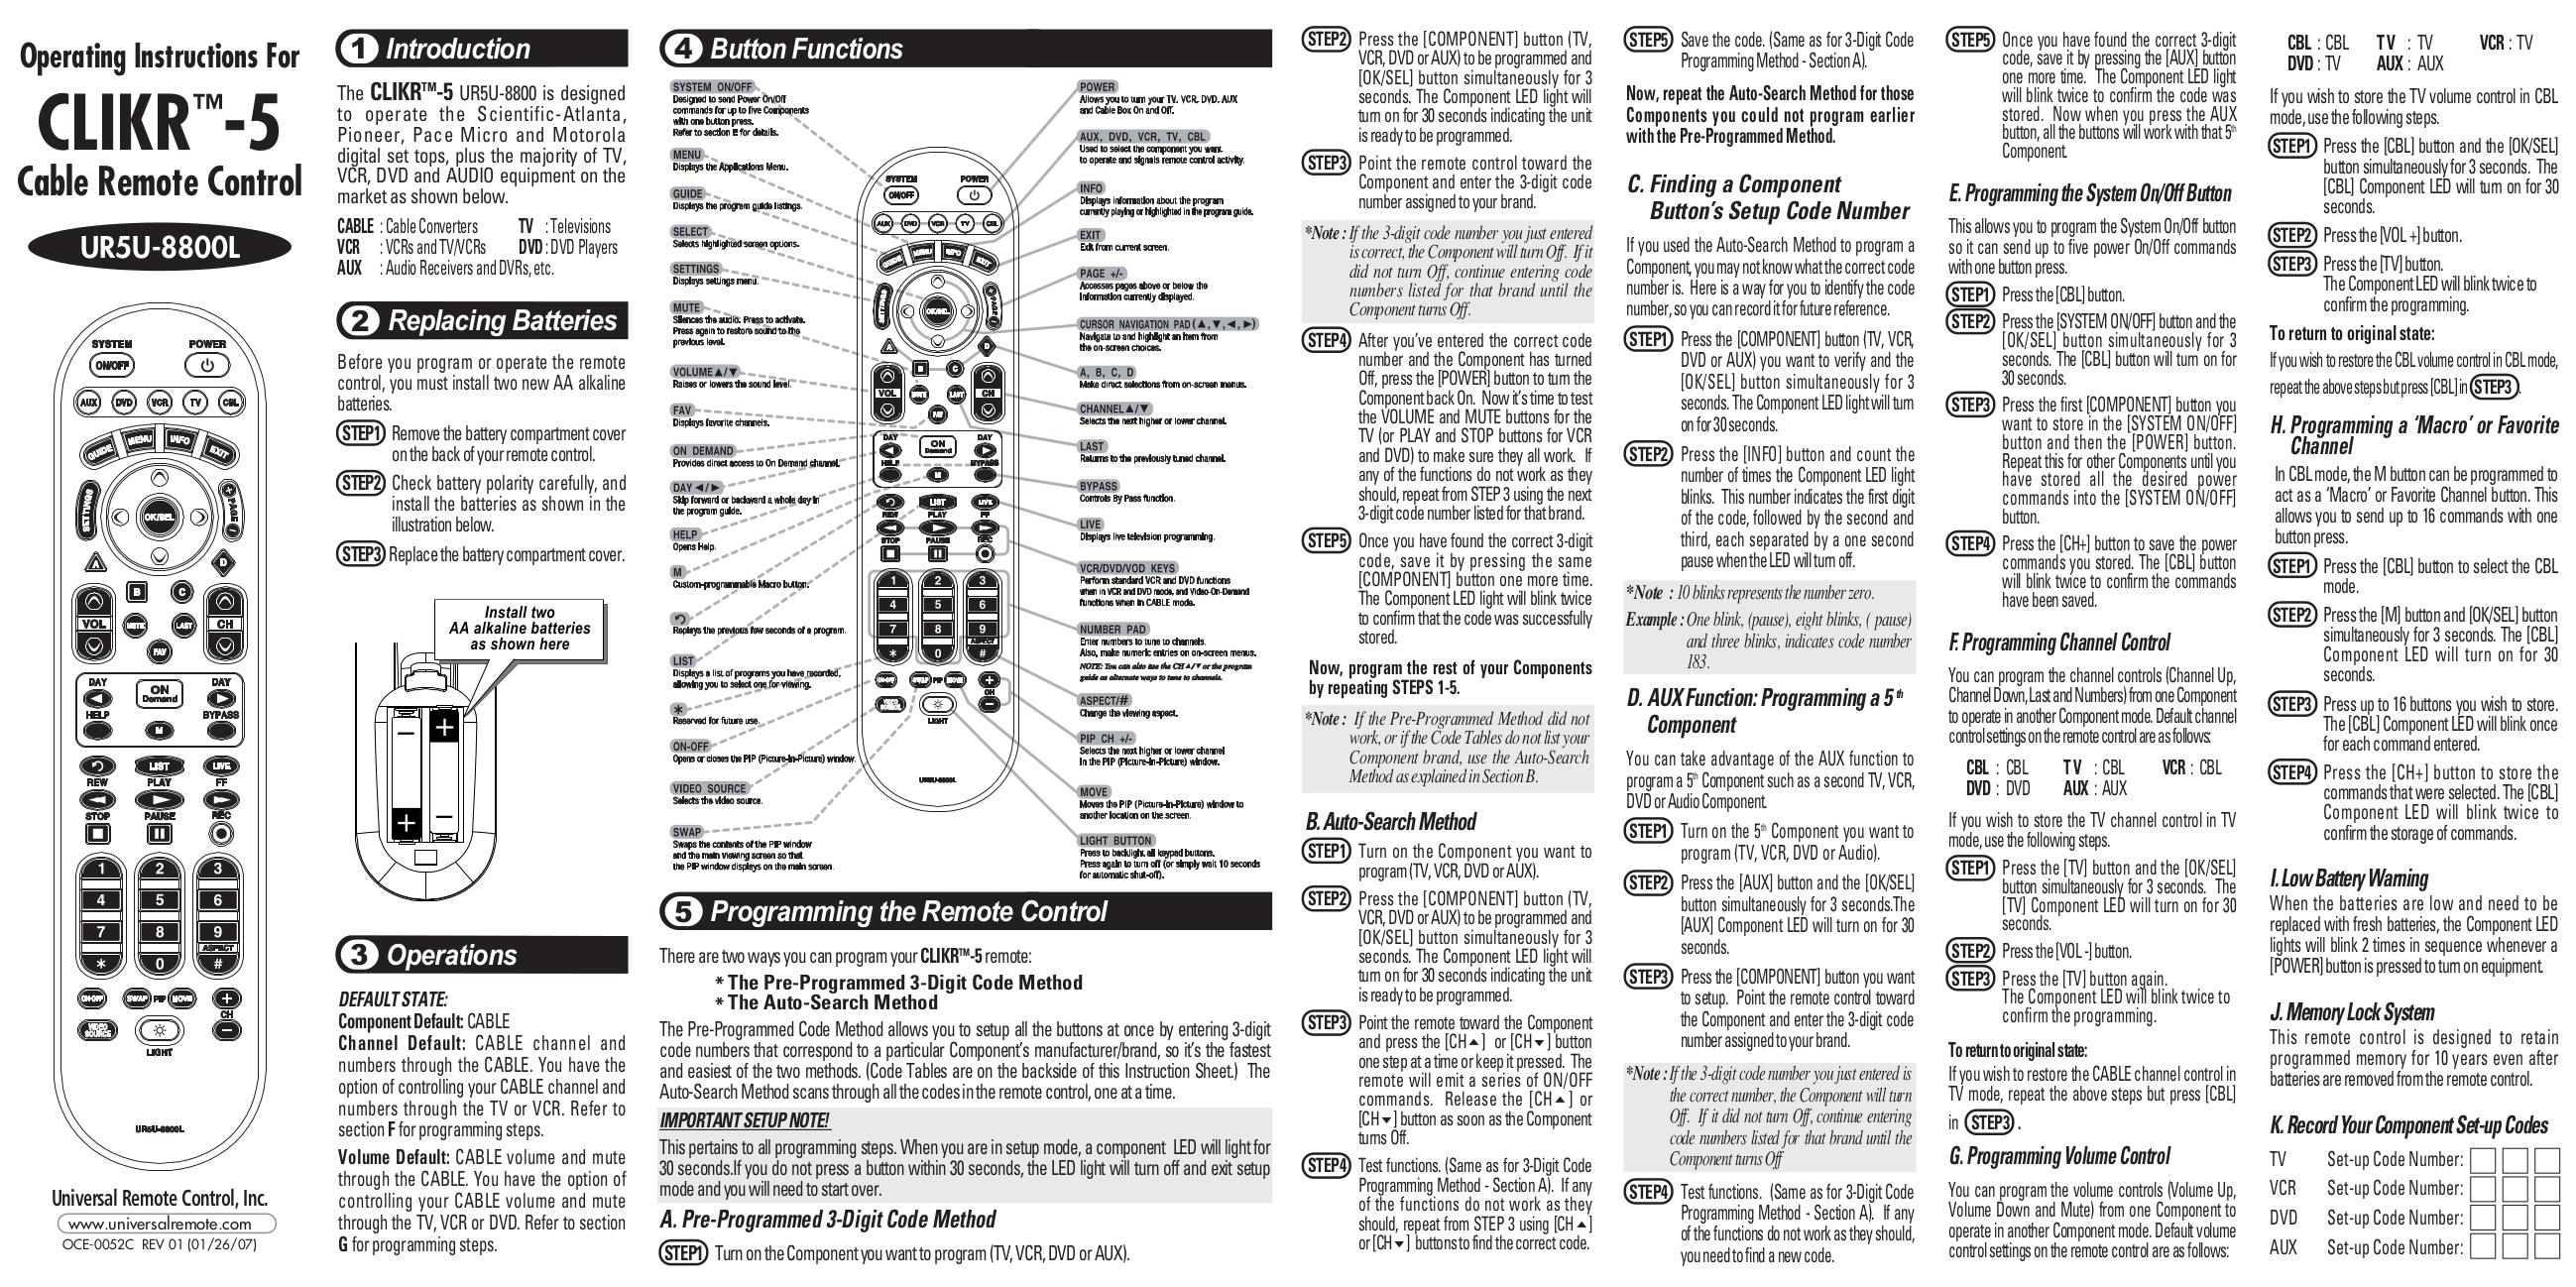 Ur4 Expg Chd2 Manual Getmonitor